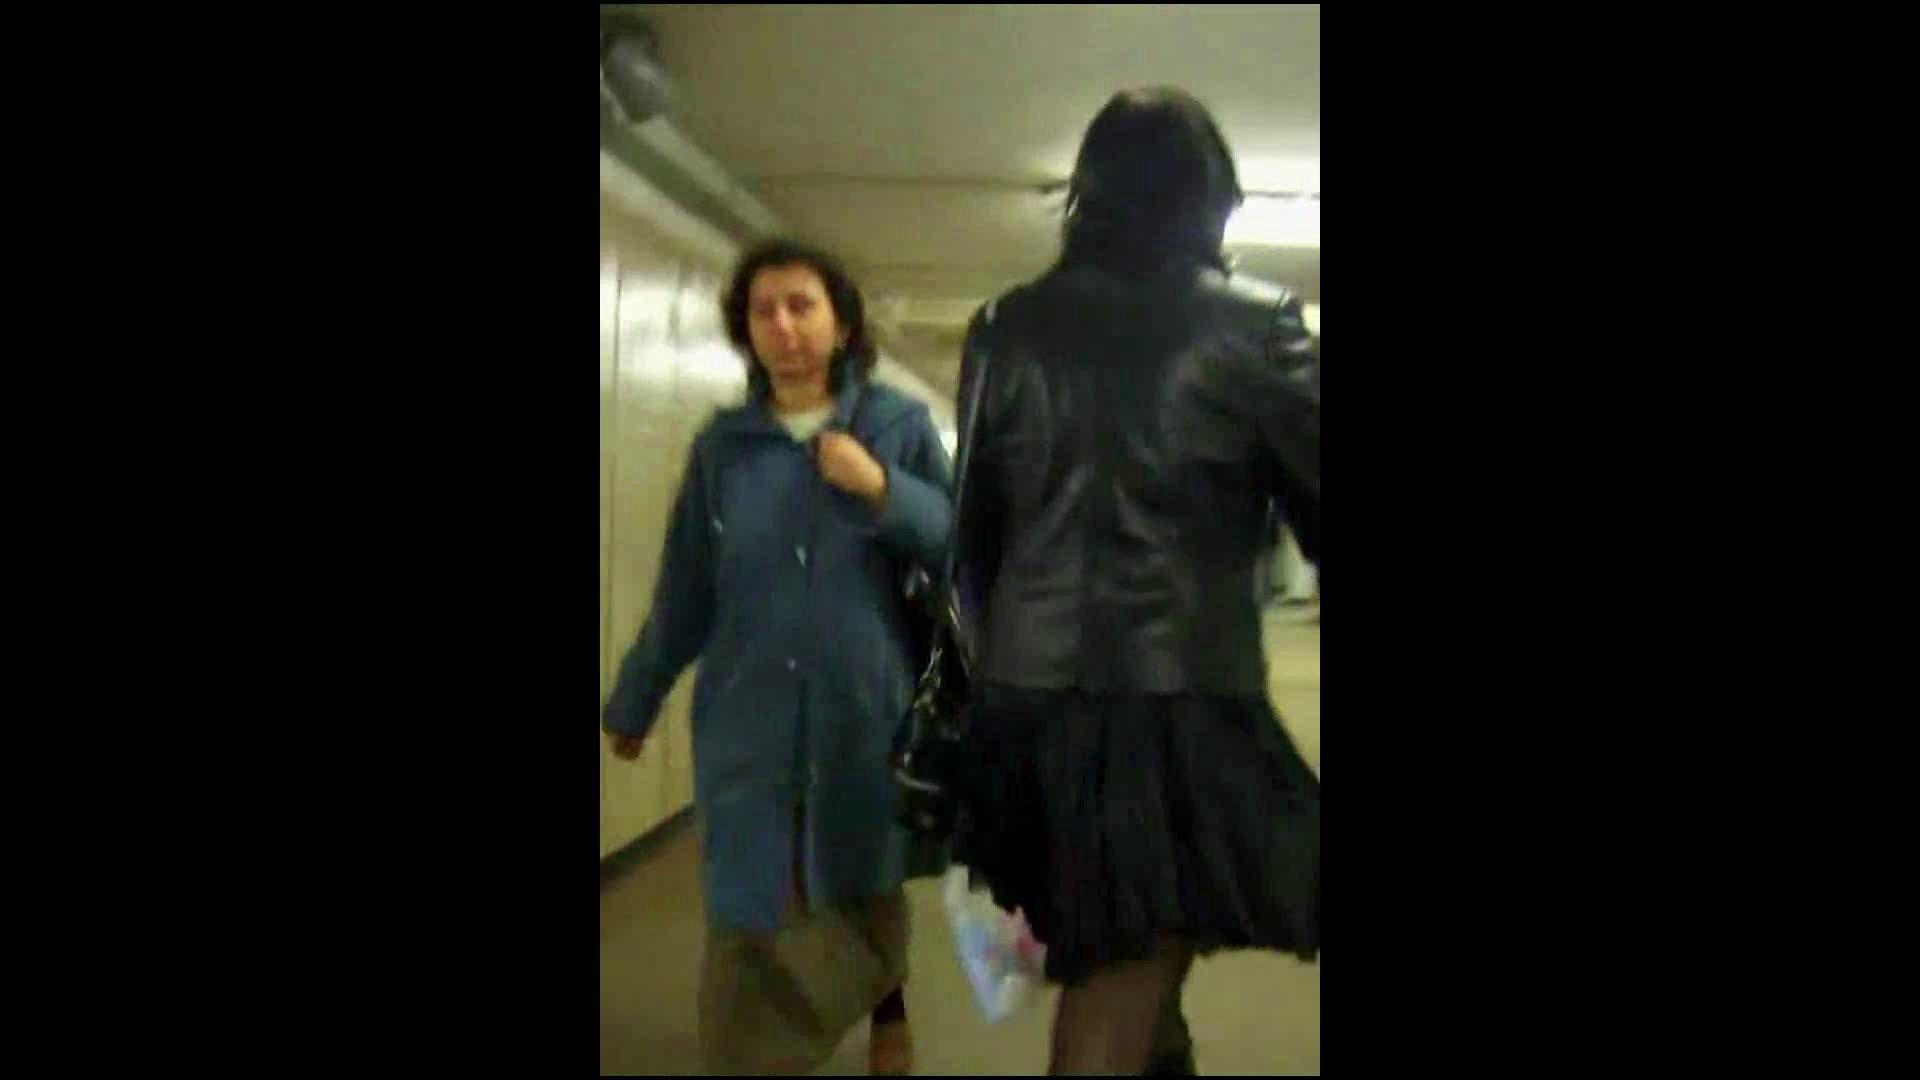 綺麗なモデルさんのスカート捲っちゃおう‼vol05 お姉さんのエロ動画  102PIX 40